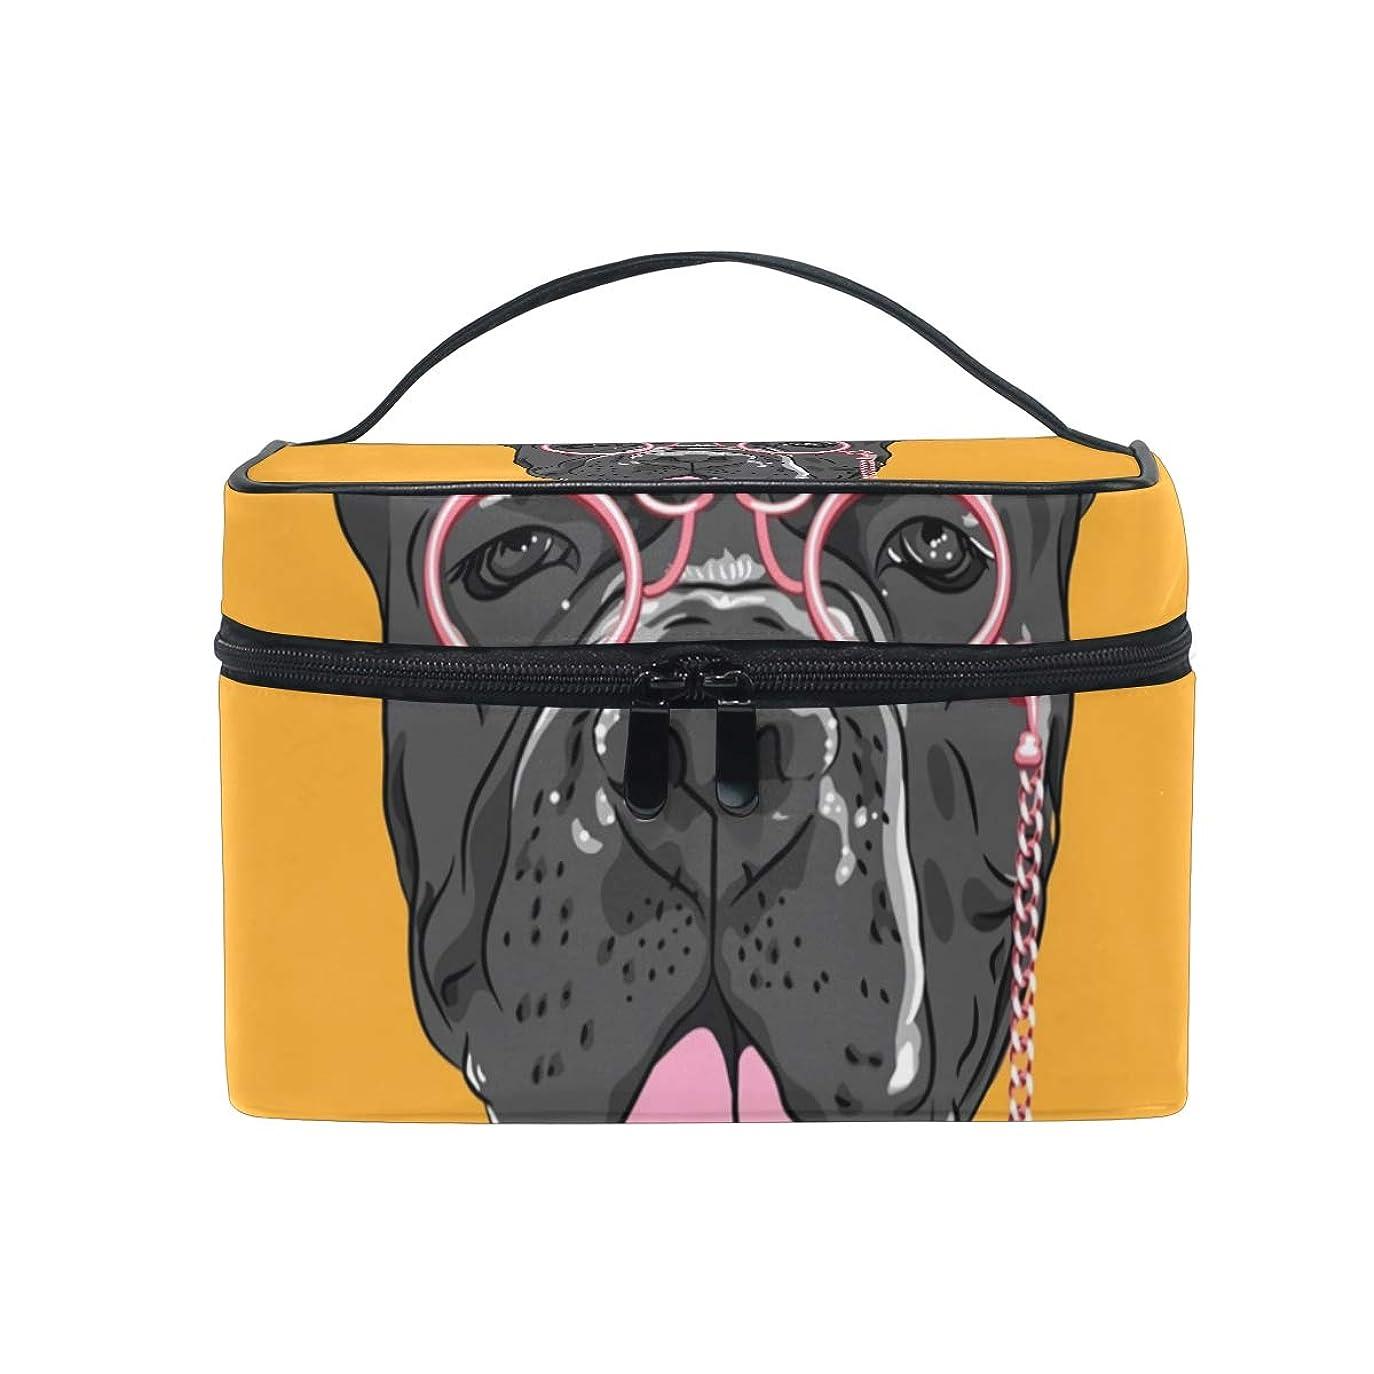 かろうじて反動バリケードメイクボックス ヒップスターrドッグgドッグ柄 化粧ポーチ 化粧品 化粧道具 小物入れ メイクブラシバッグ 大容量 旅行用 収納ケース